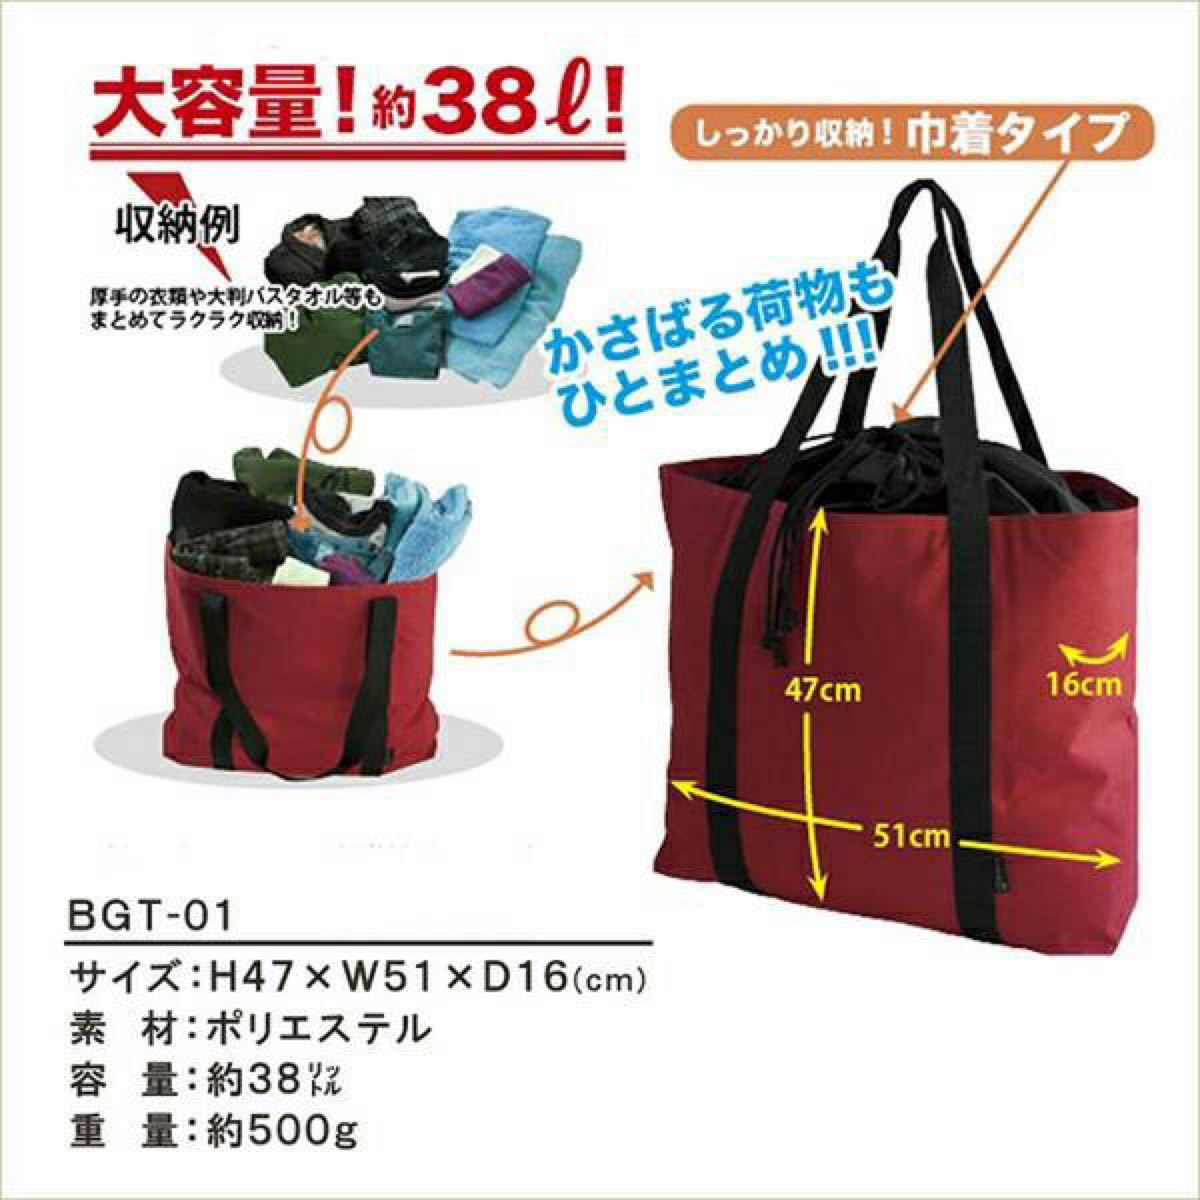 大容量 ビッグ トートバッグ ショルダーバッグ マザーズバッグ エコバッグ 旅行 メンズ レディース 迷彩 カモフラージュ